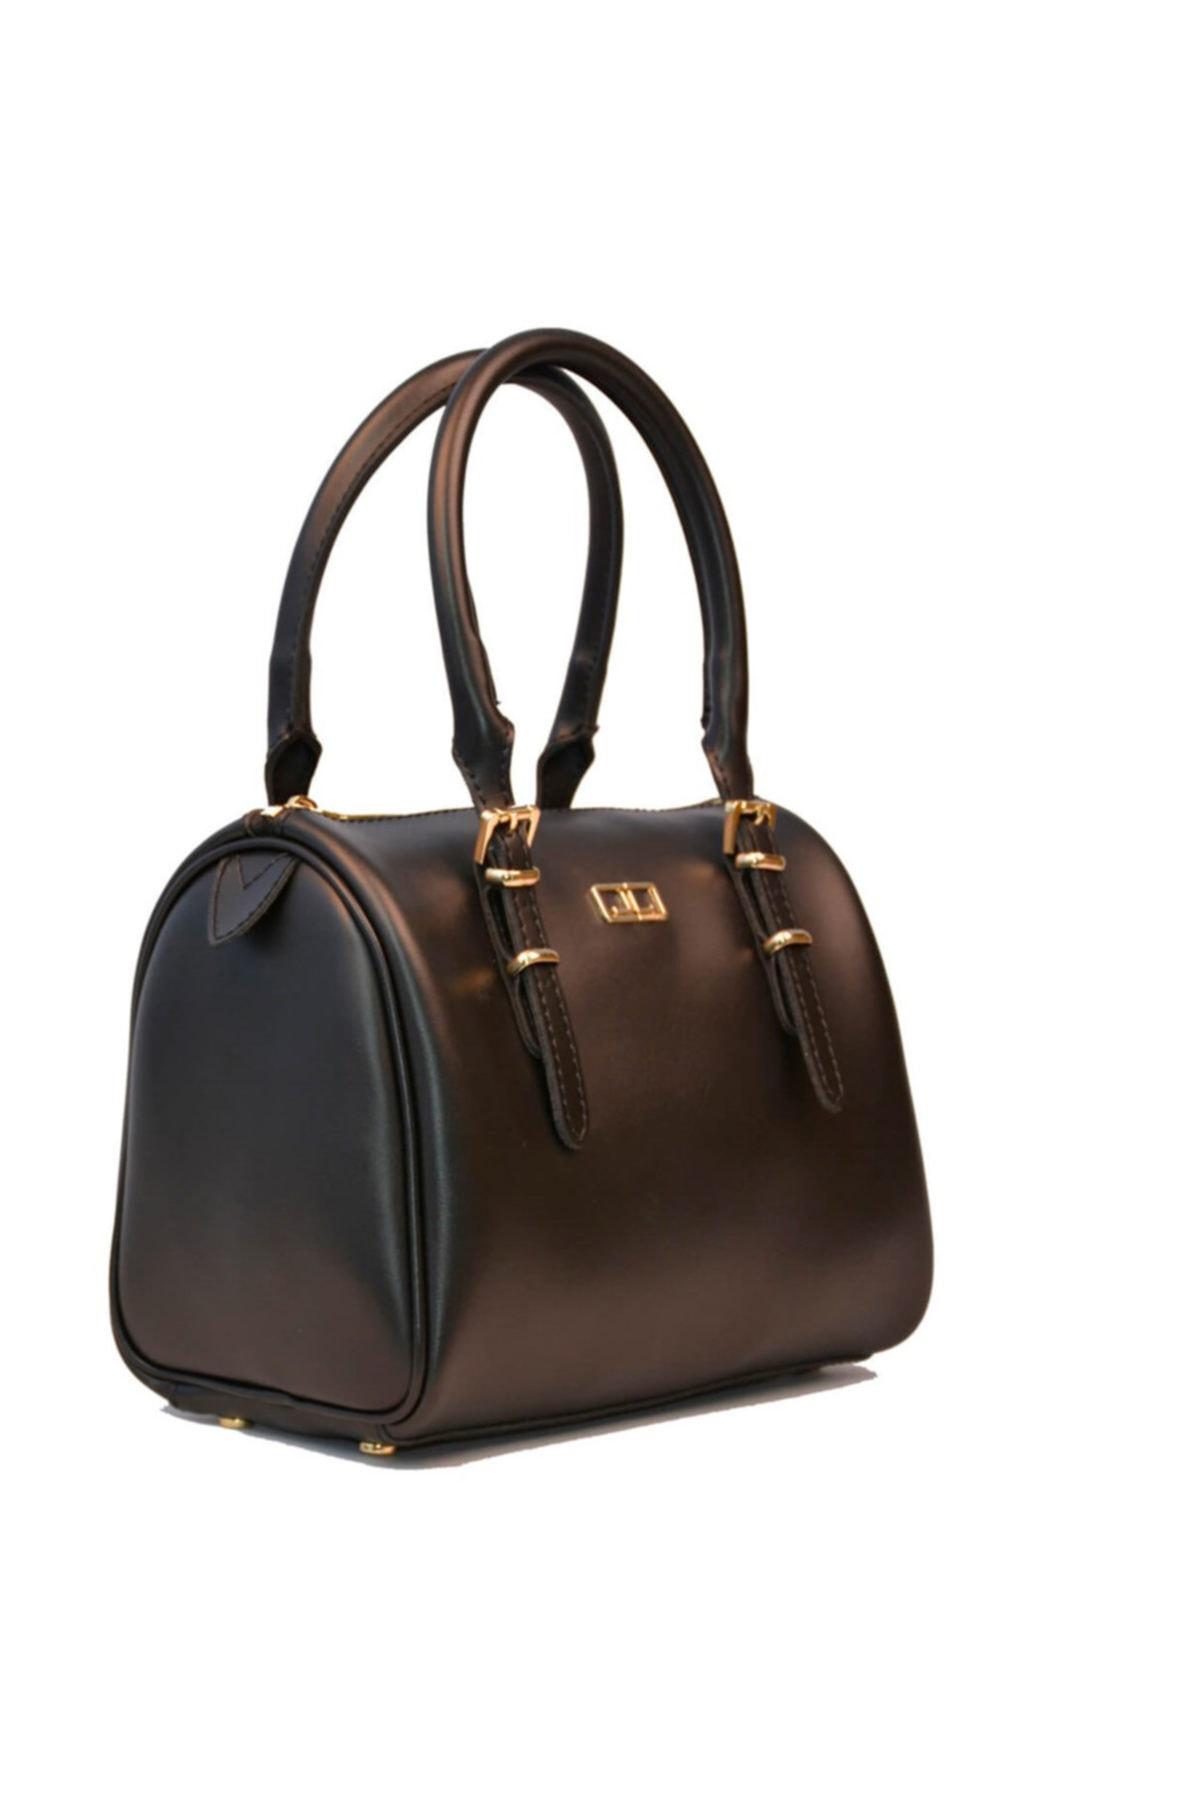 Kadın Omuz Çanta Siyah